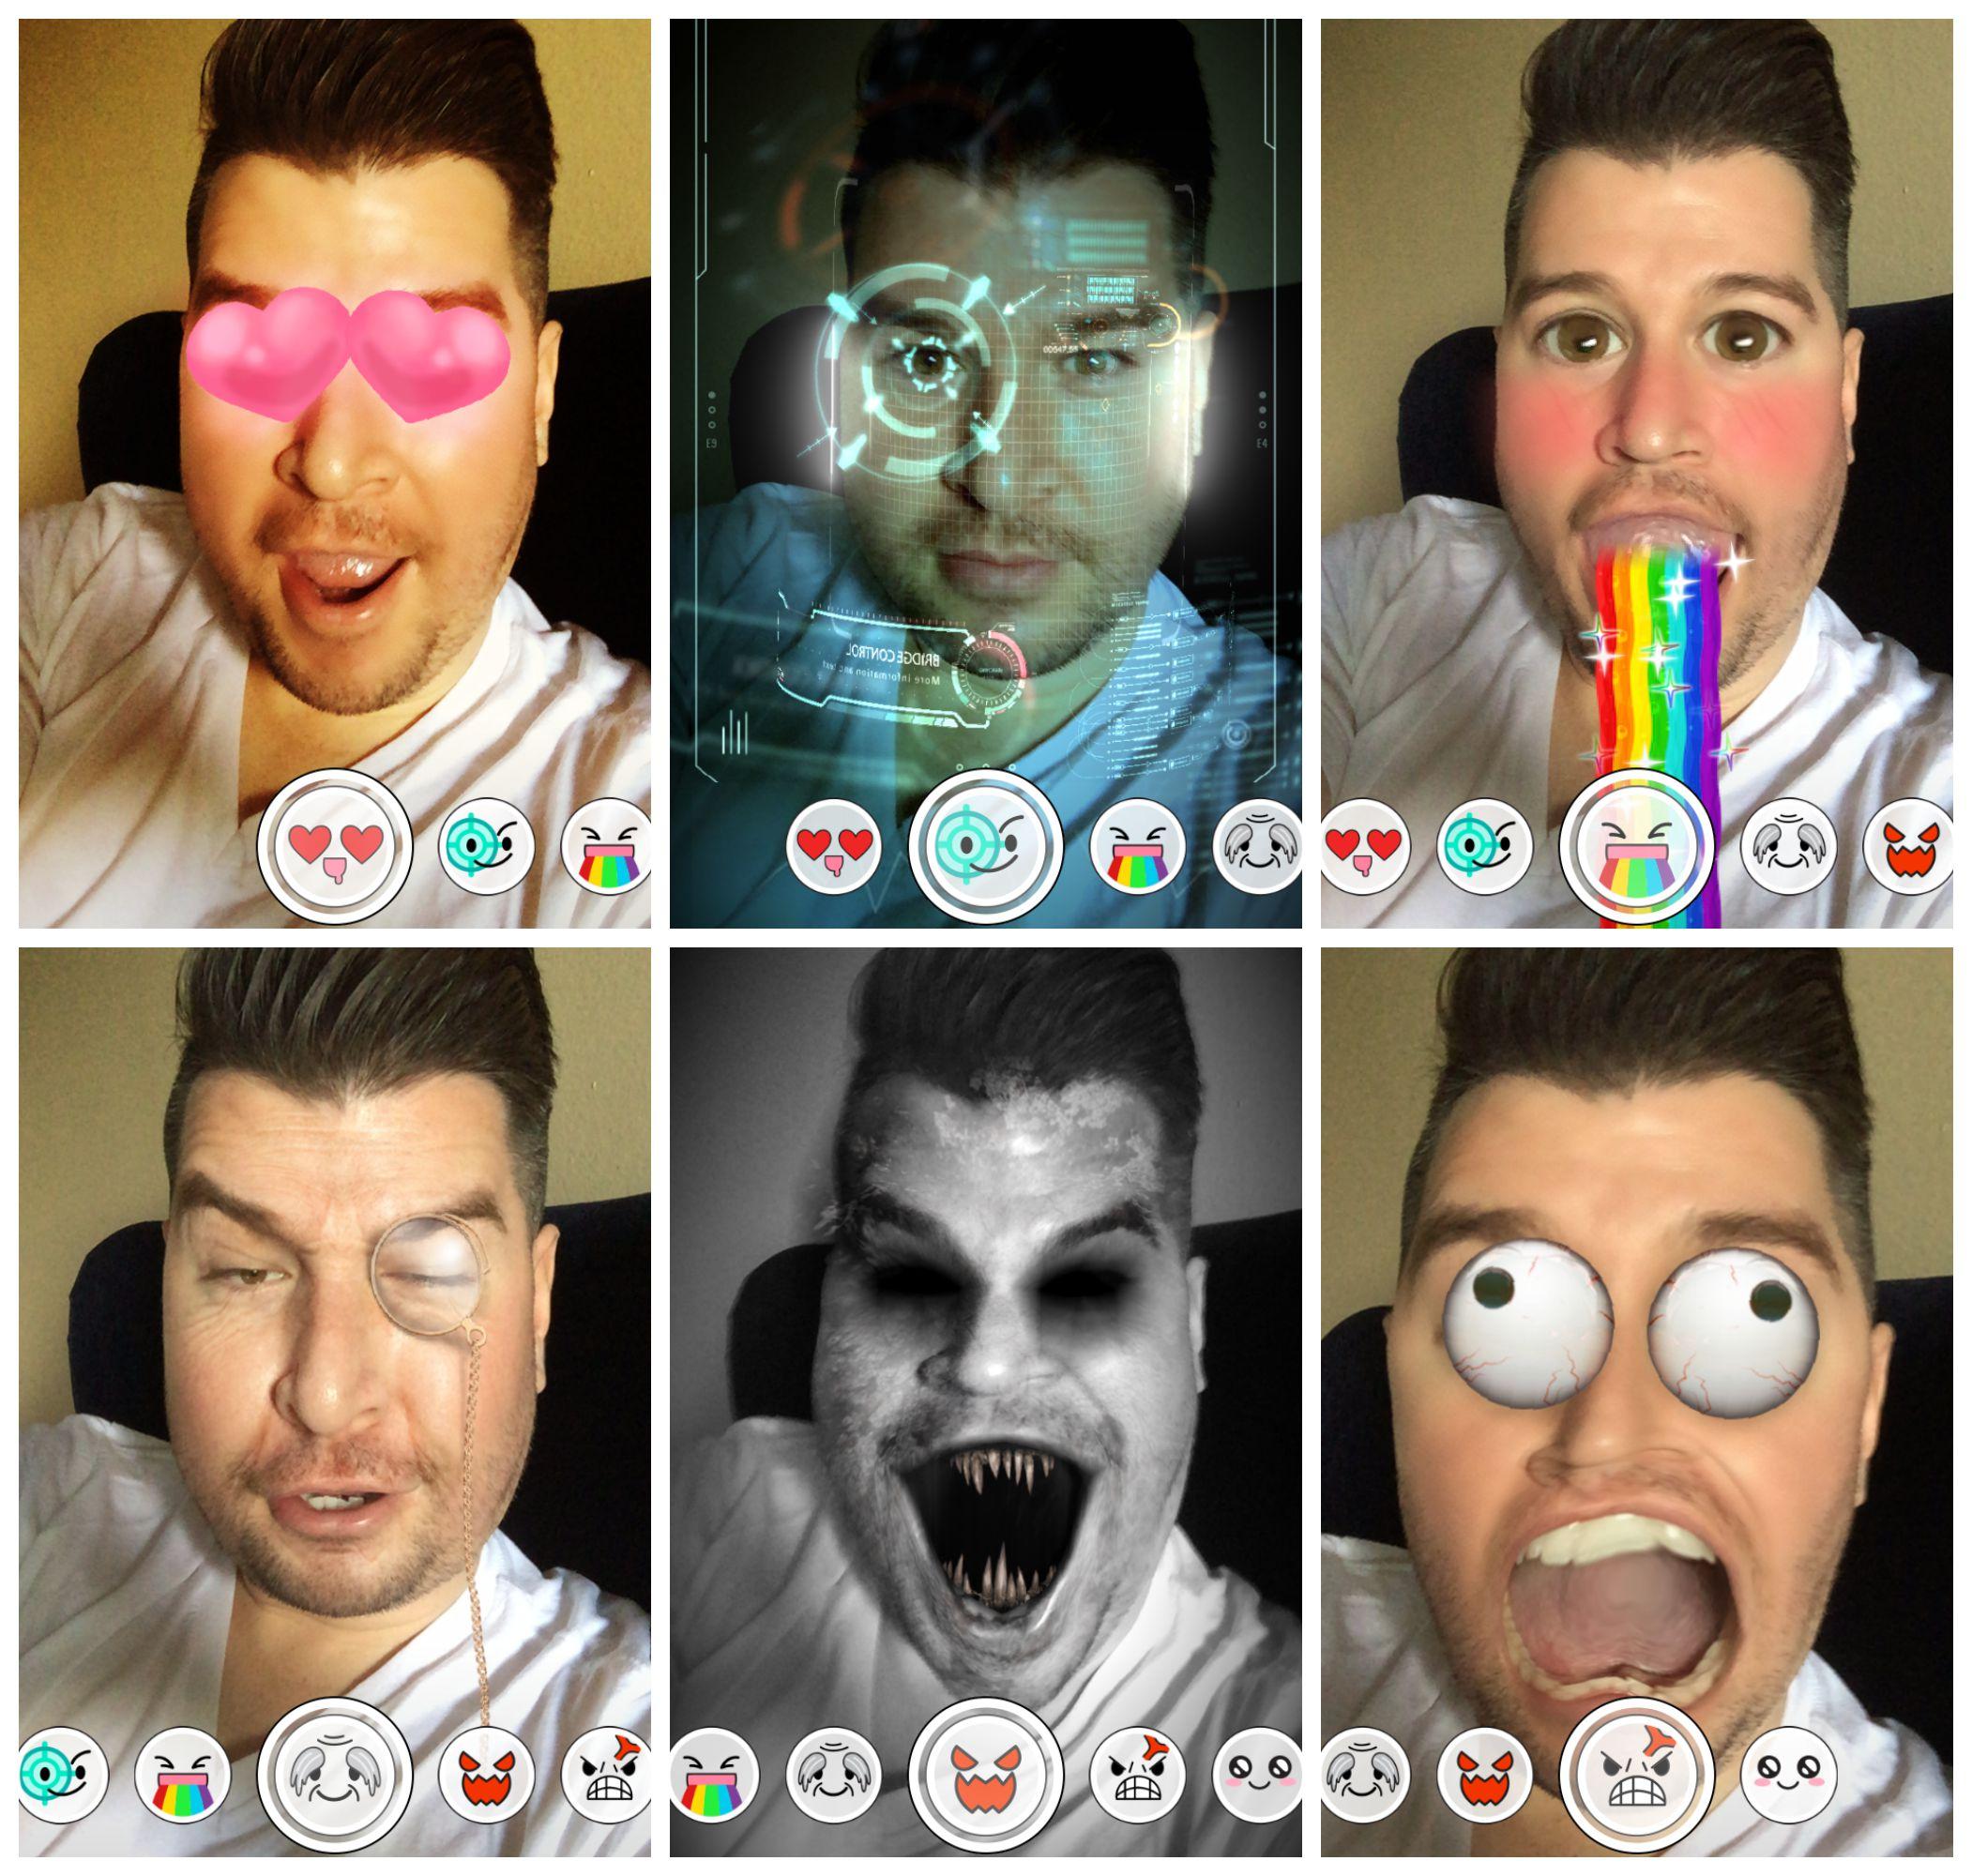 полезная информация приложение на айфон для фото приколы для истинных